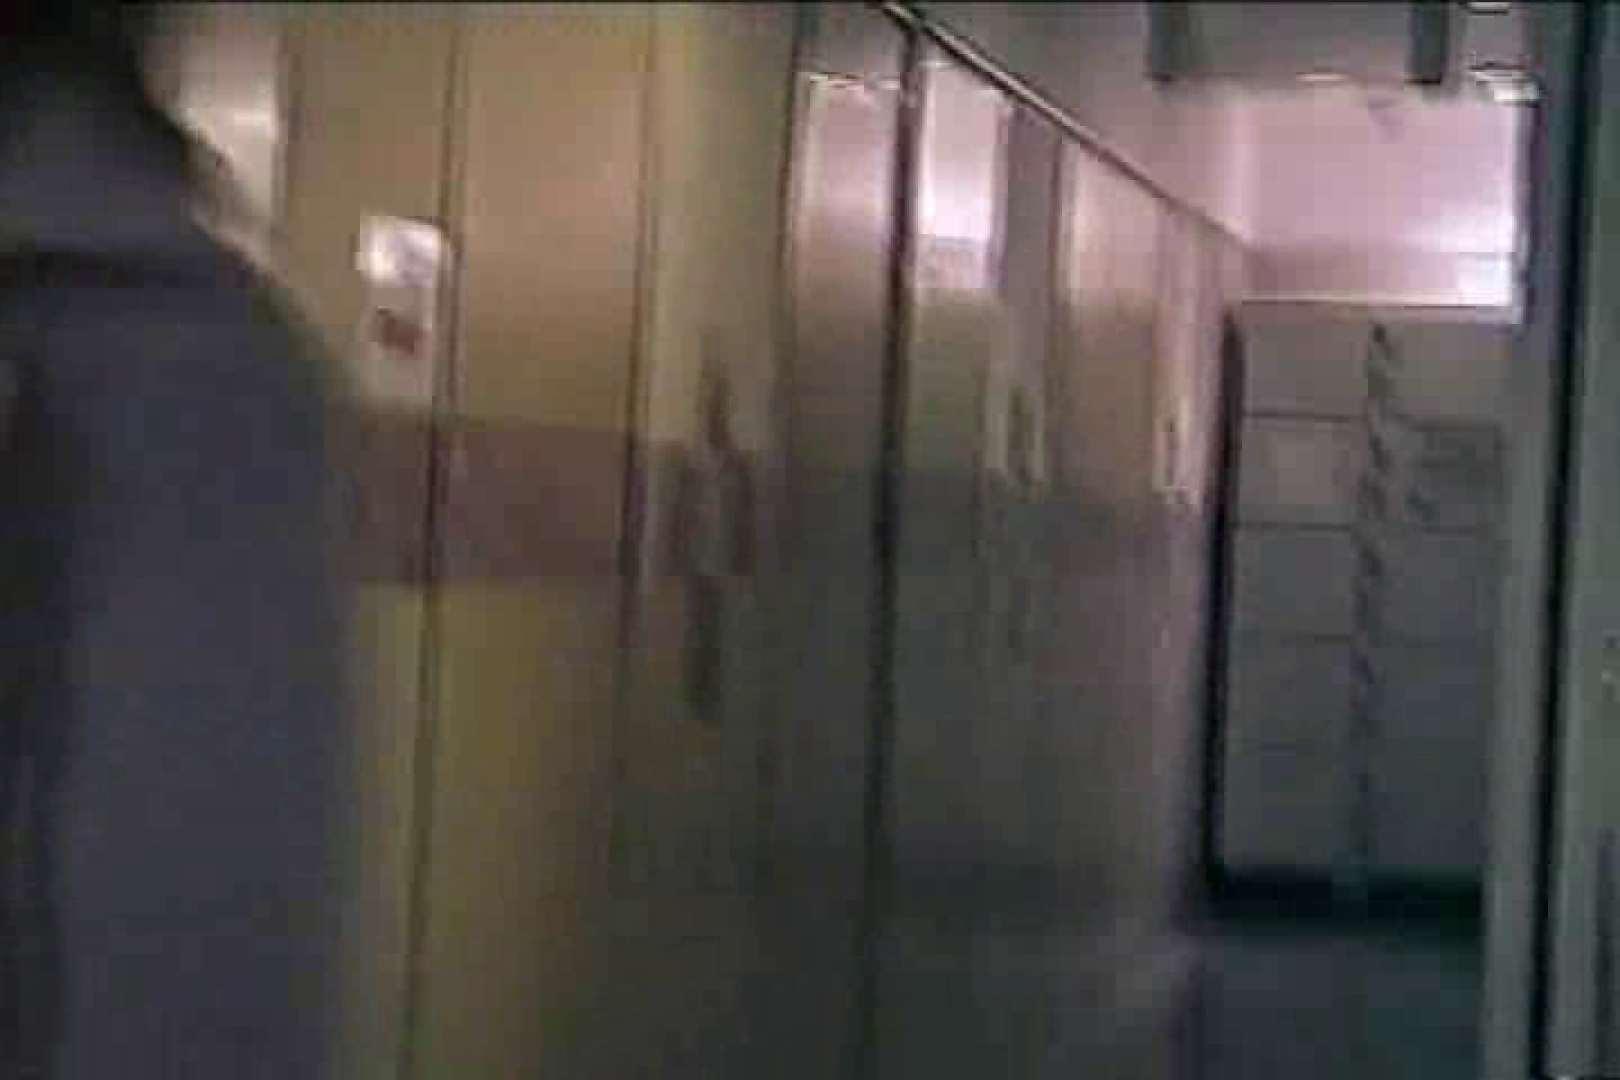 門外不出デパート洗面所 No.5 独占盗撮 盗撮動画紹介 61連発 45